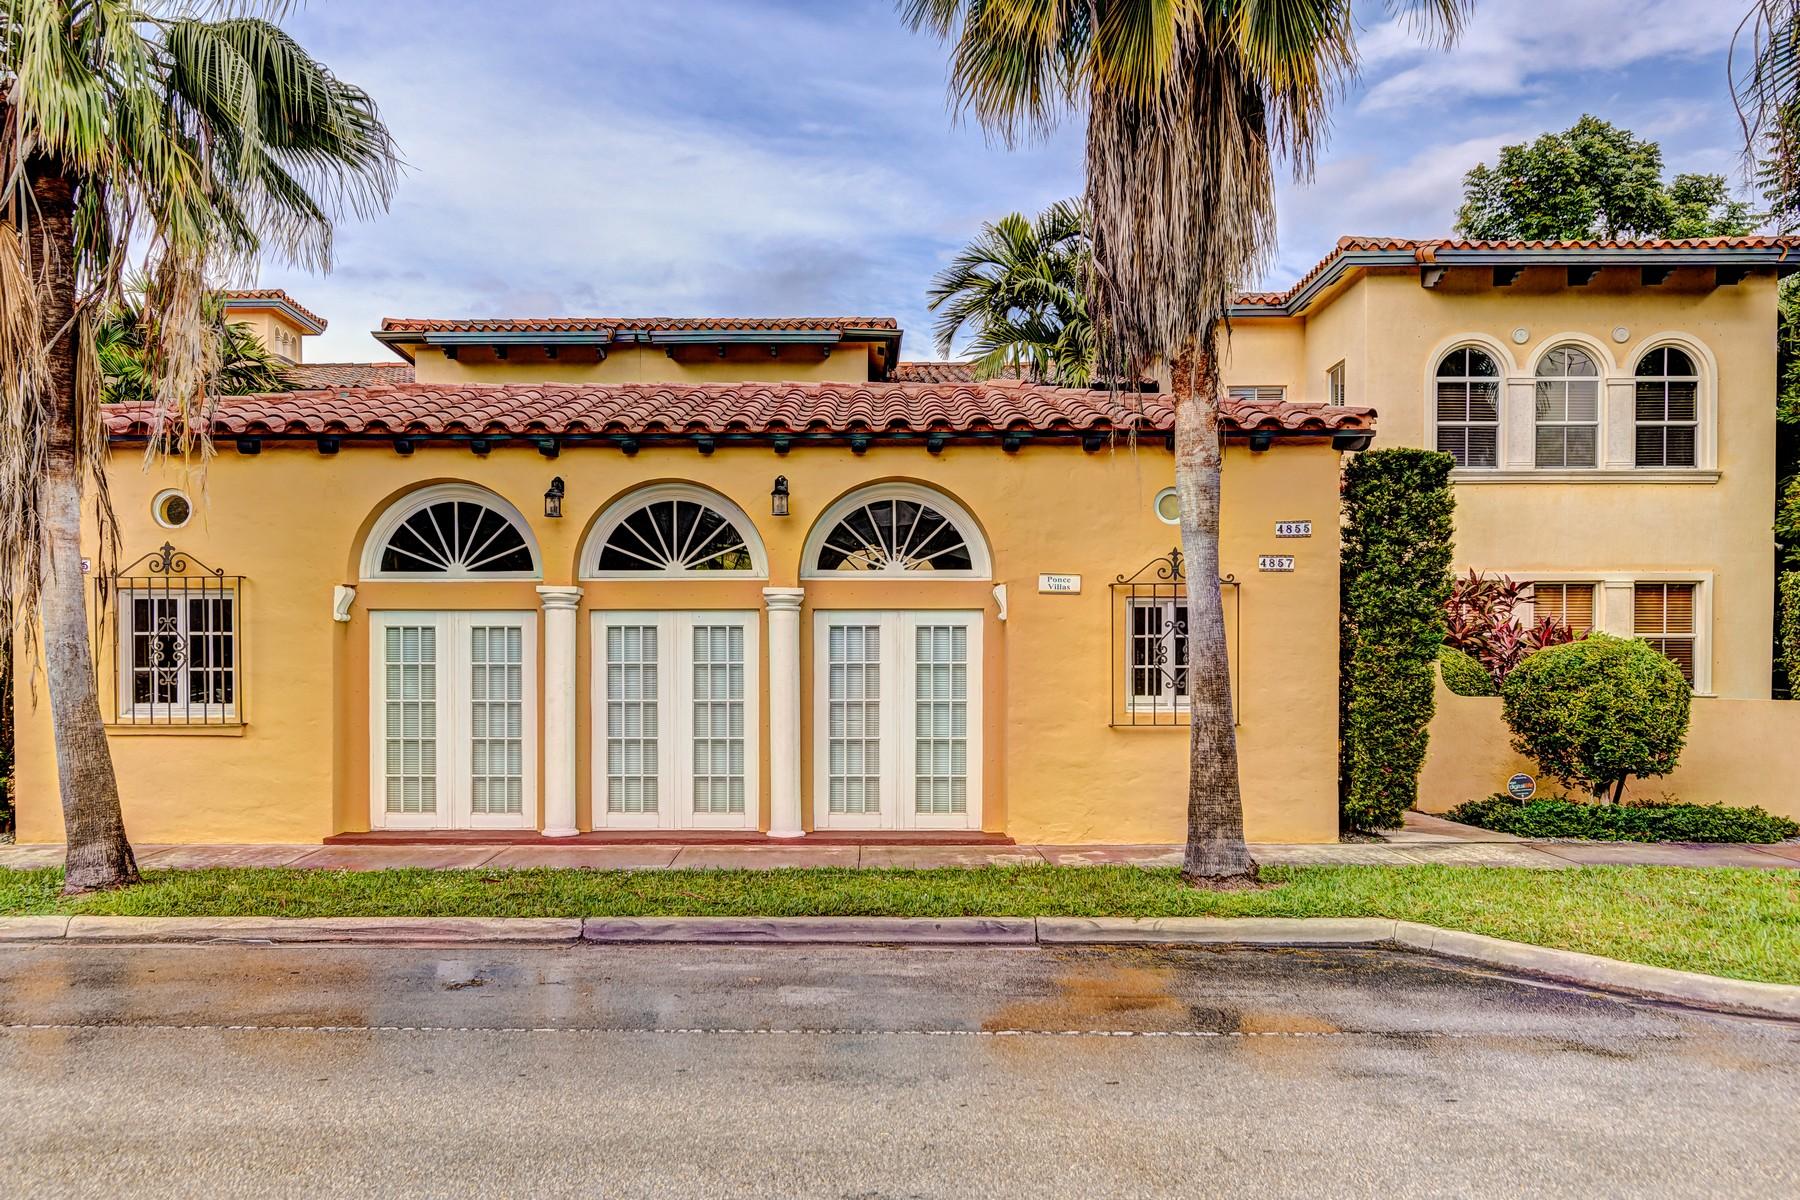 단독 가정 주택 용 매매 에 4857 Ponce De Leon Blvd Coral Gables, 플로리다 33146 미국